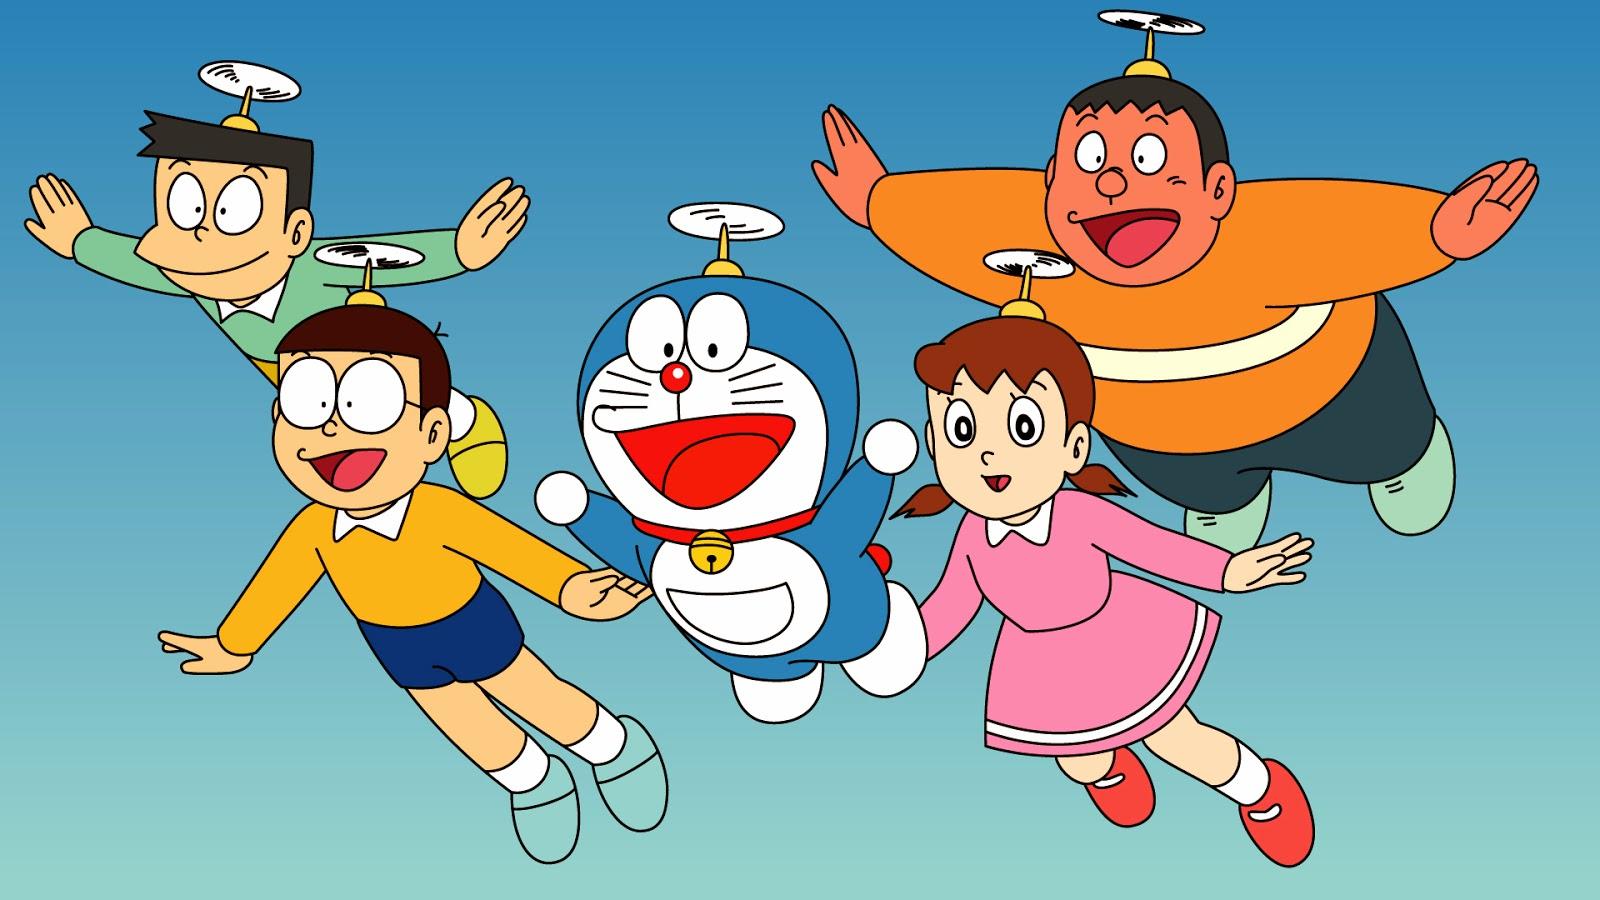 Kumpulan Gambar Doraemon | Gambar Lucu Terbaru Cartoon ...